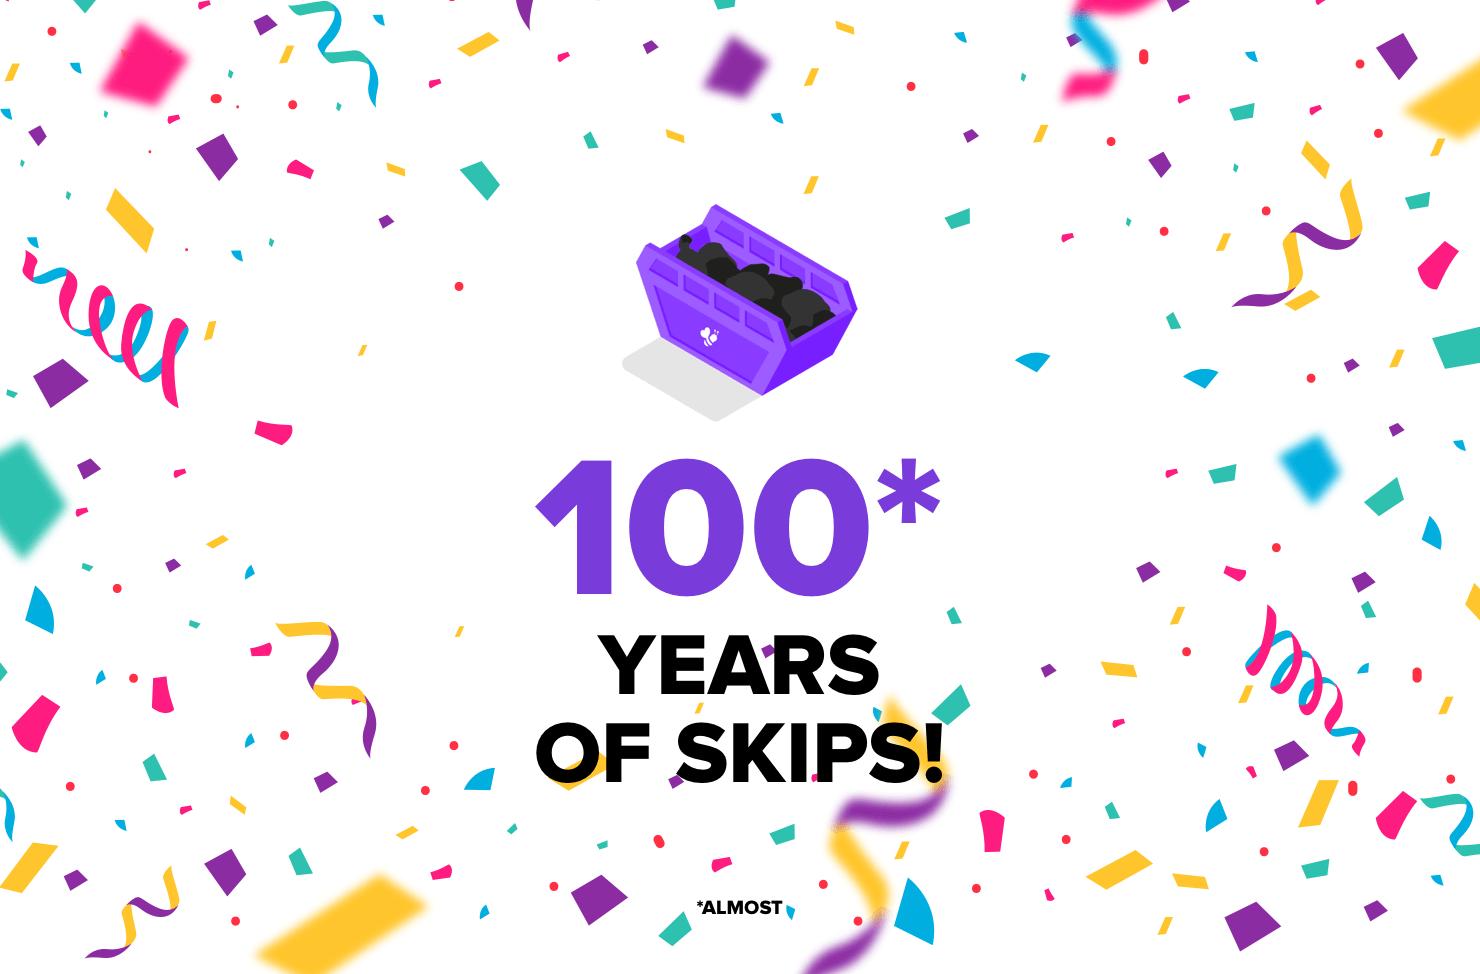 skip birthday